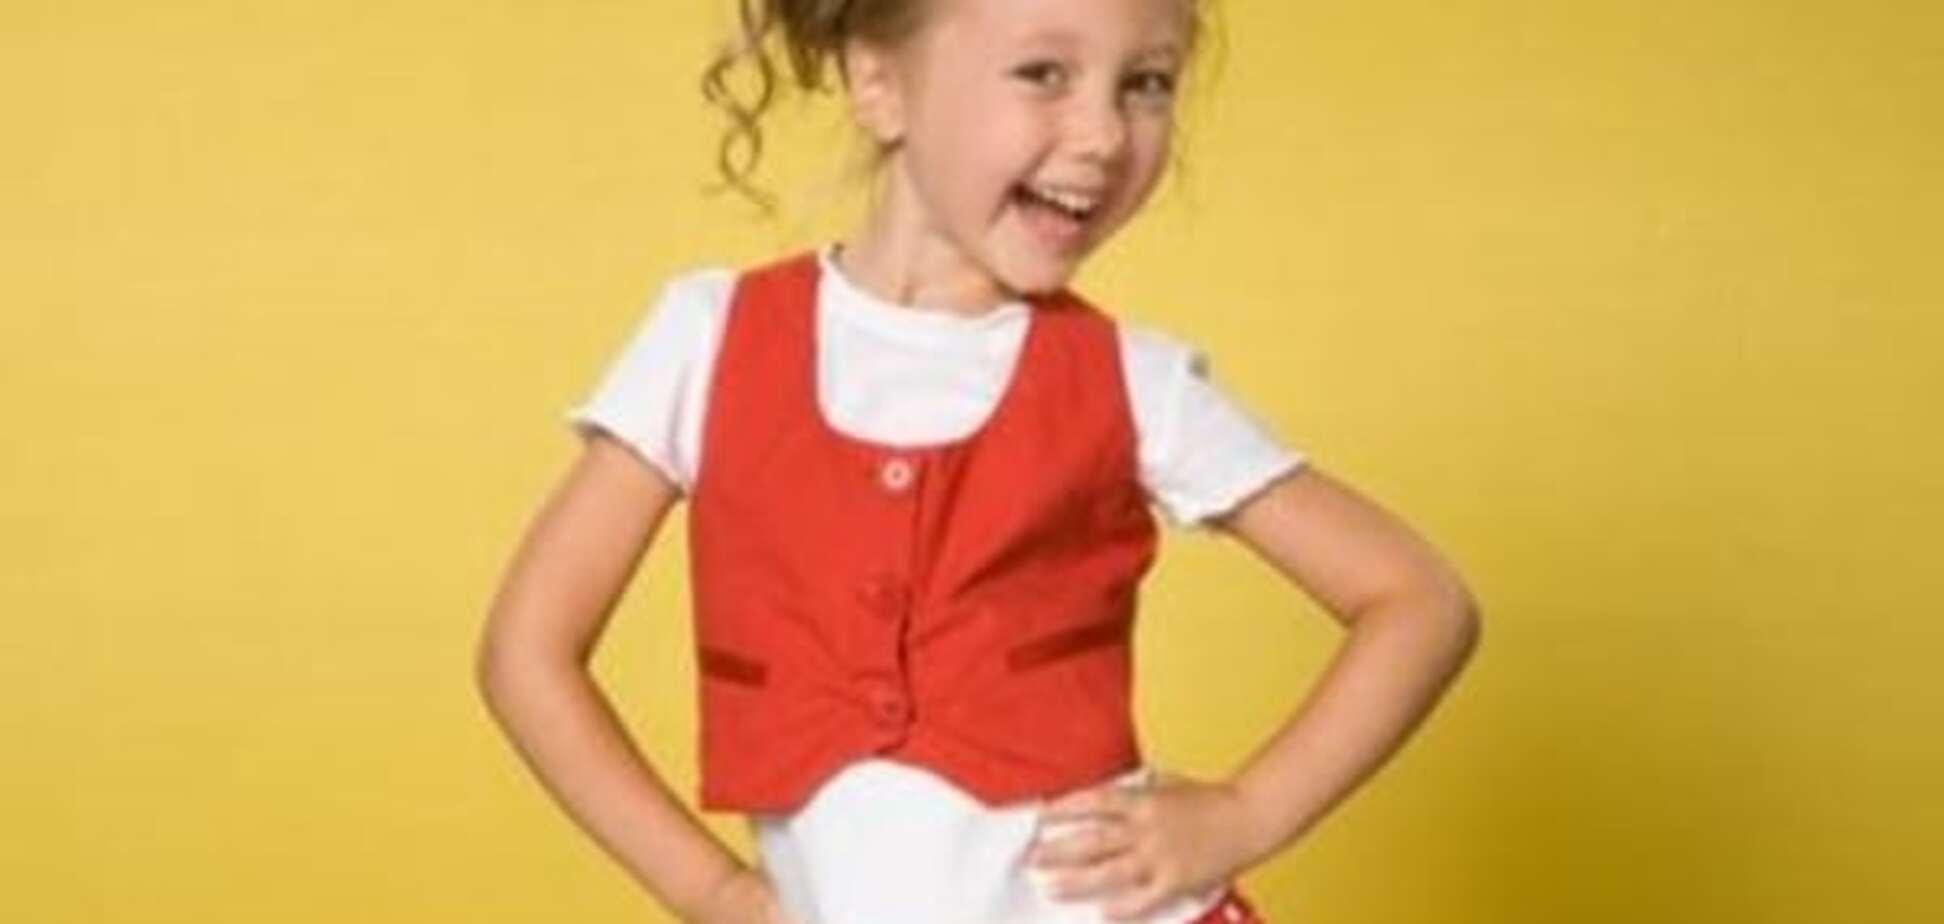 Пуговка из 'Папиных дочек' изменилась до неузнаваемости: фото повзрослевшей красавицы